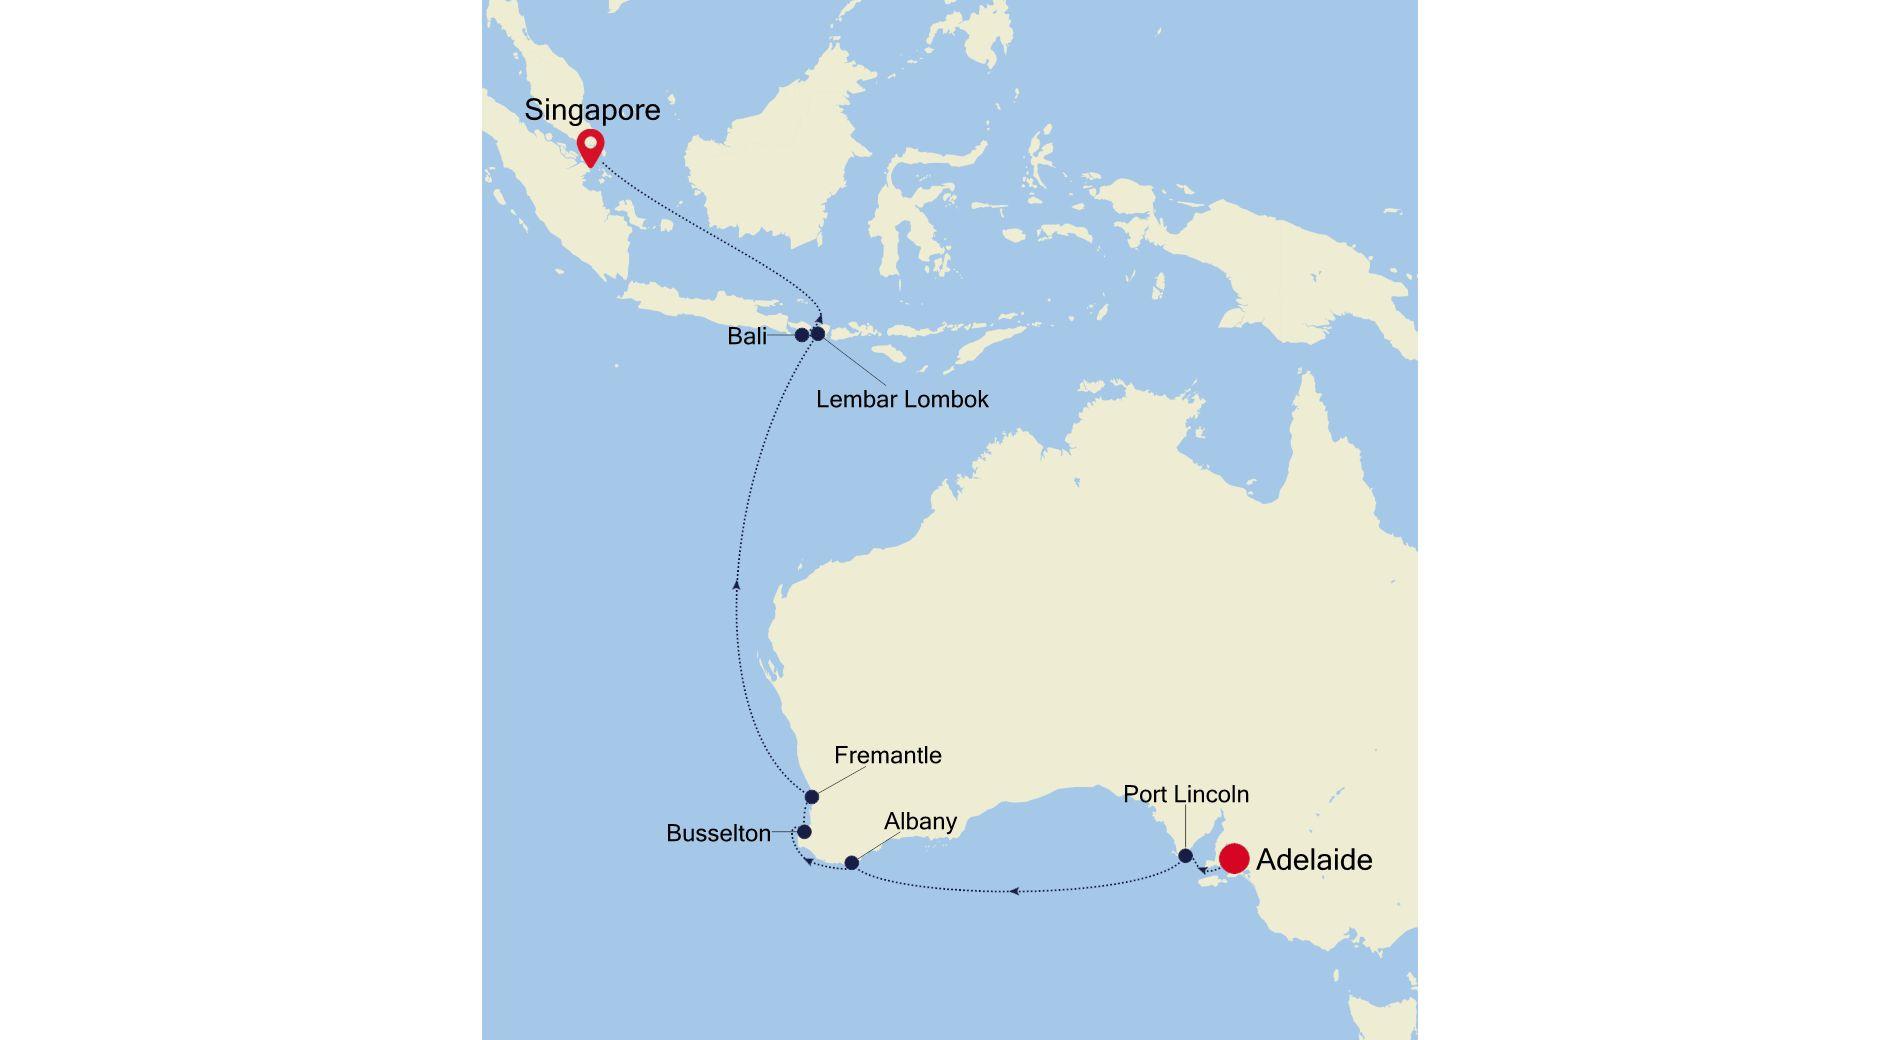 SM220223S14 - Adelaide a Singapore